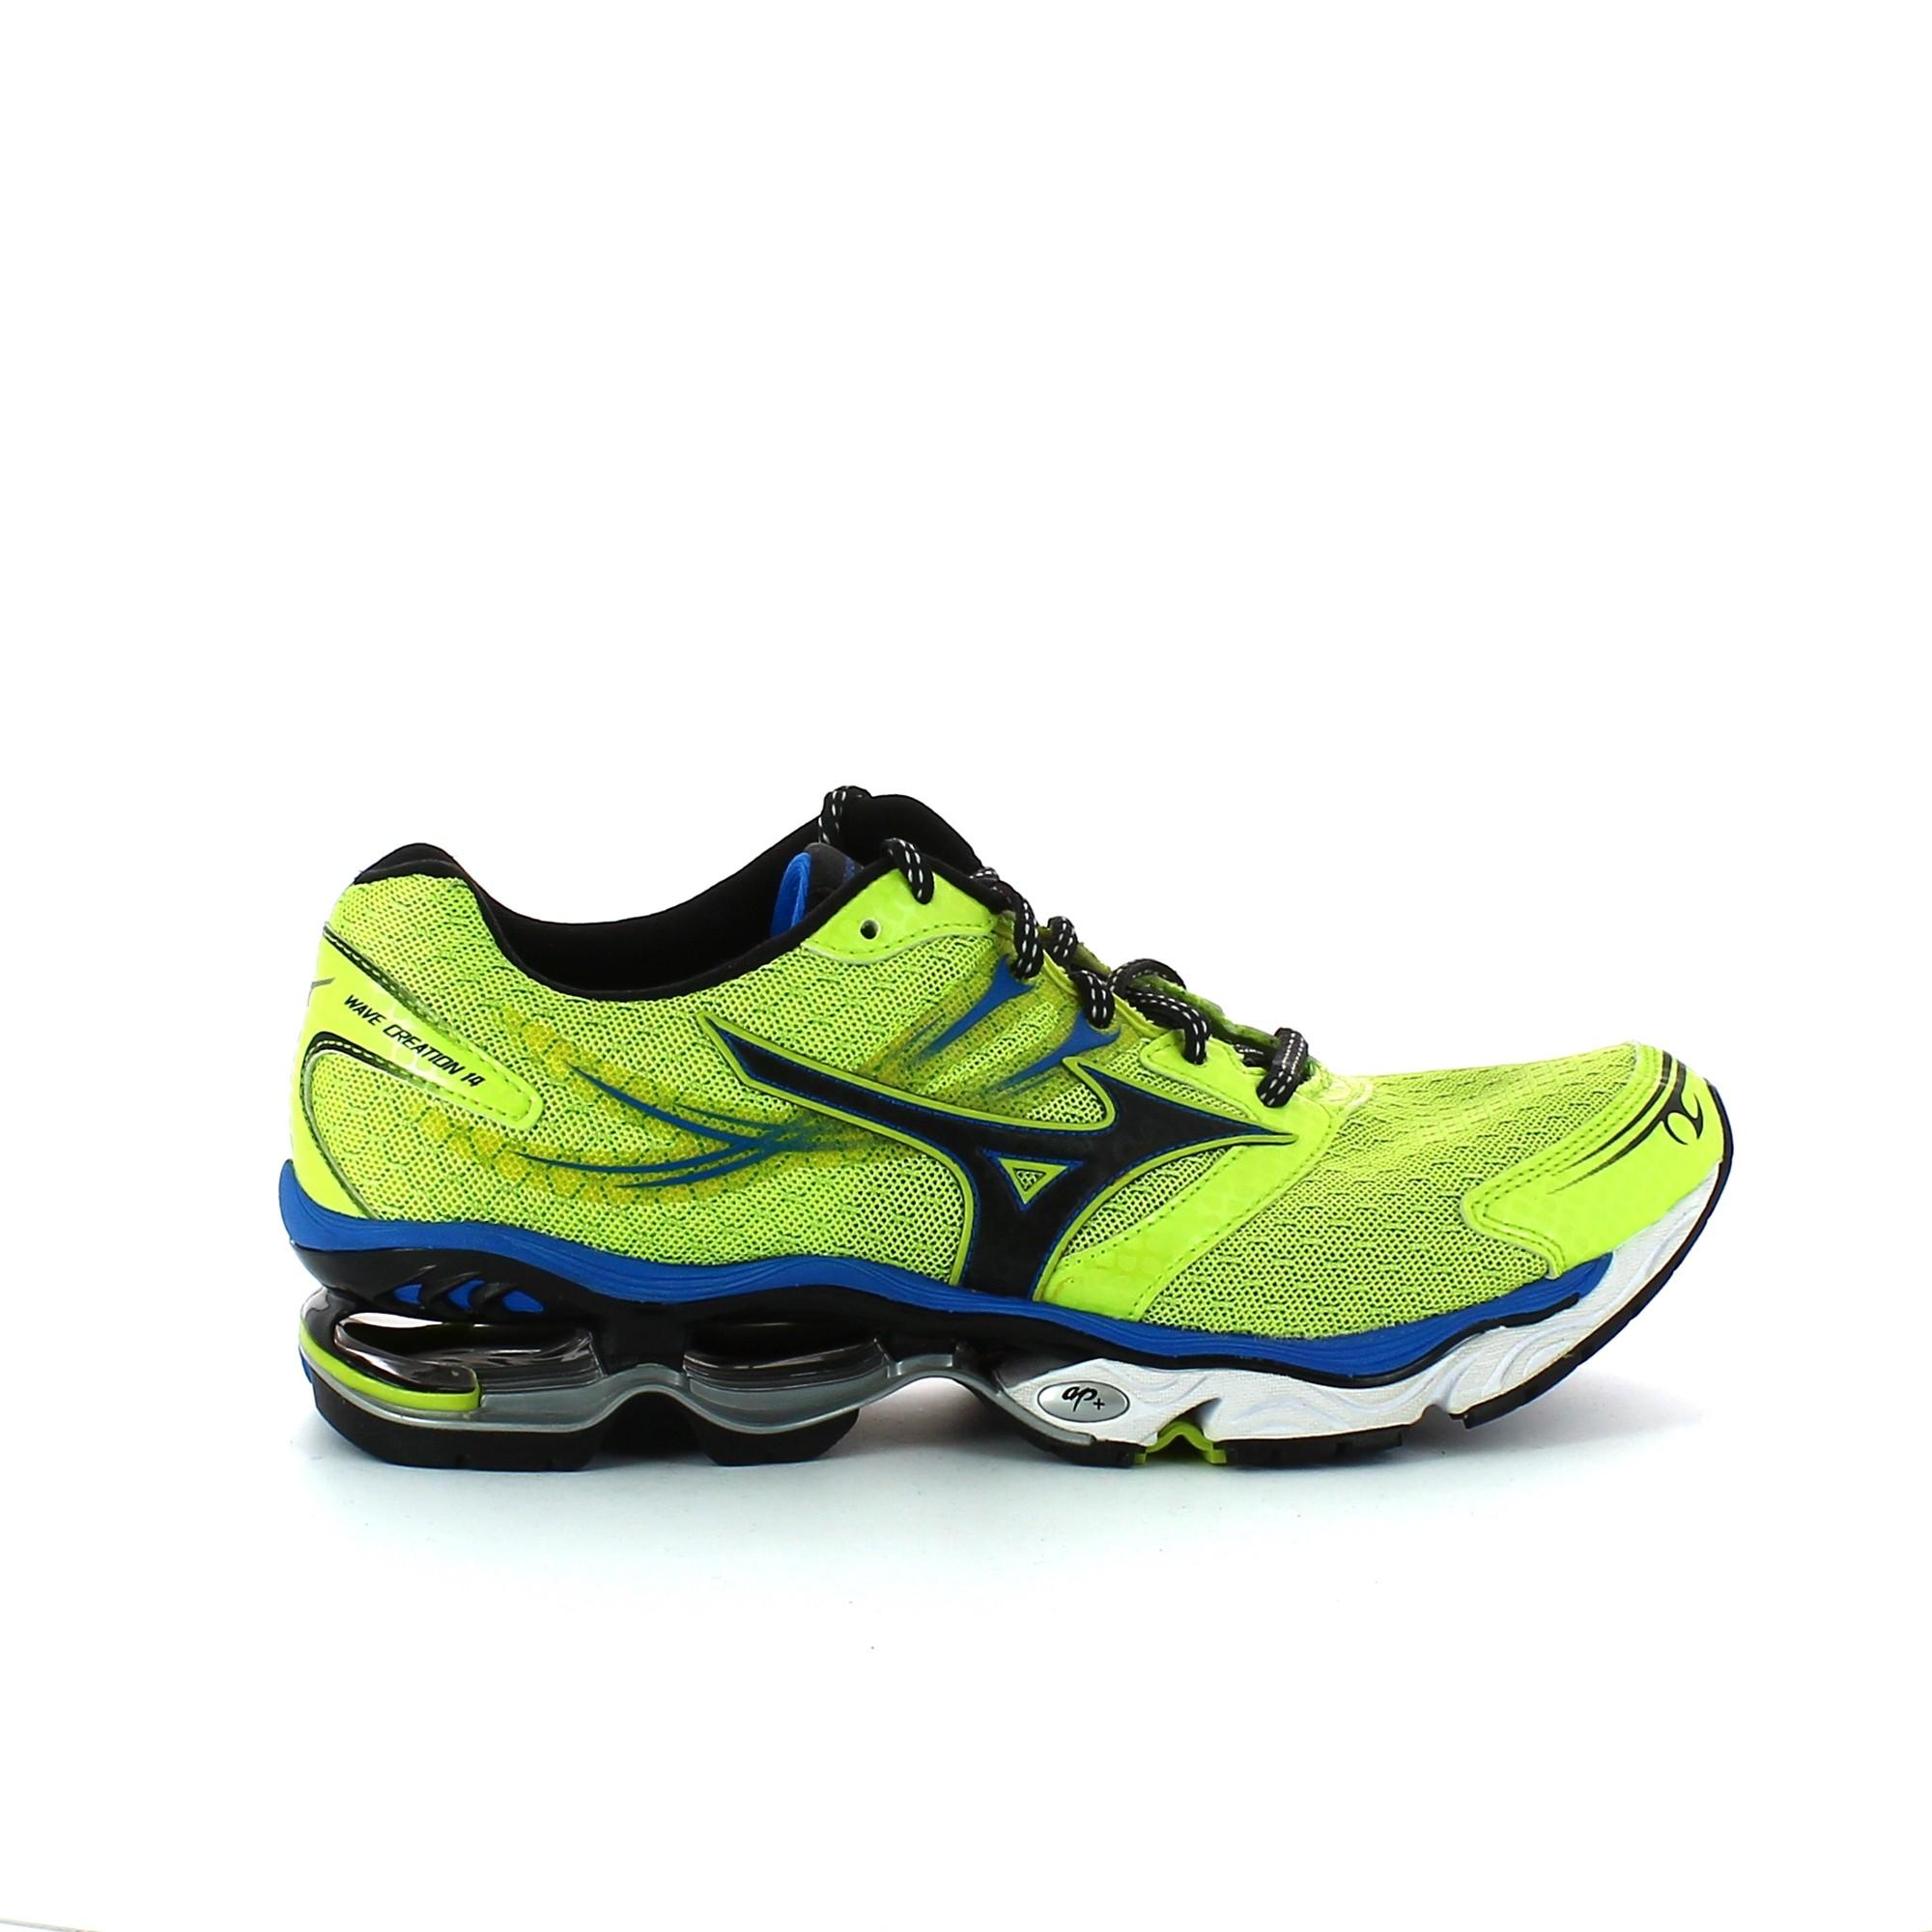 3e32e9db01 Zapatillas Running Mizuno Wave Creation 14 Verde Azul Hombre - Deportes Moya